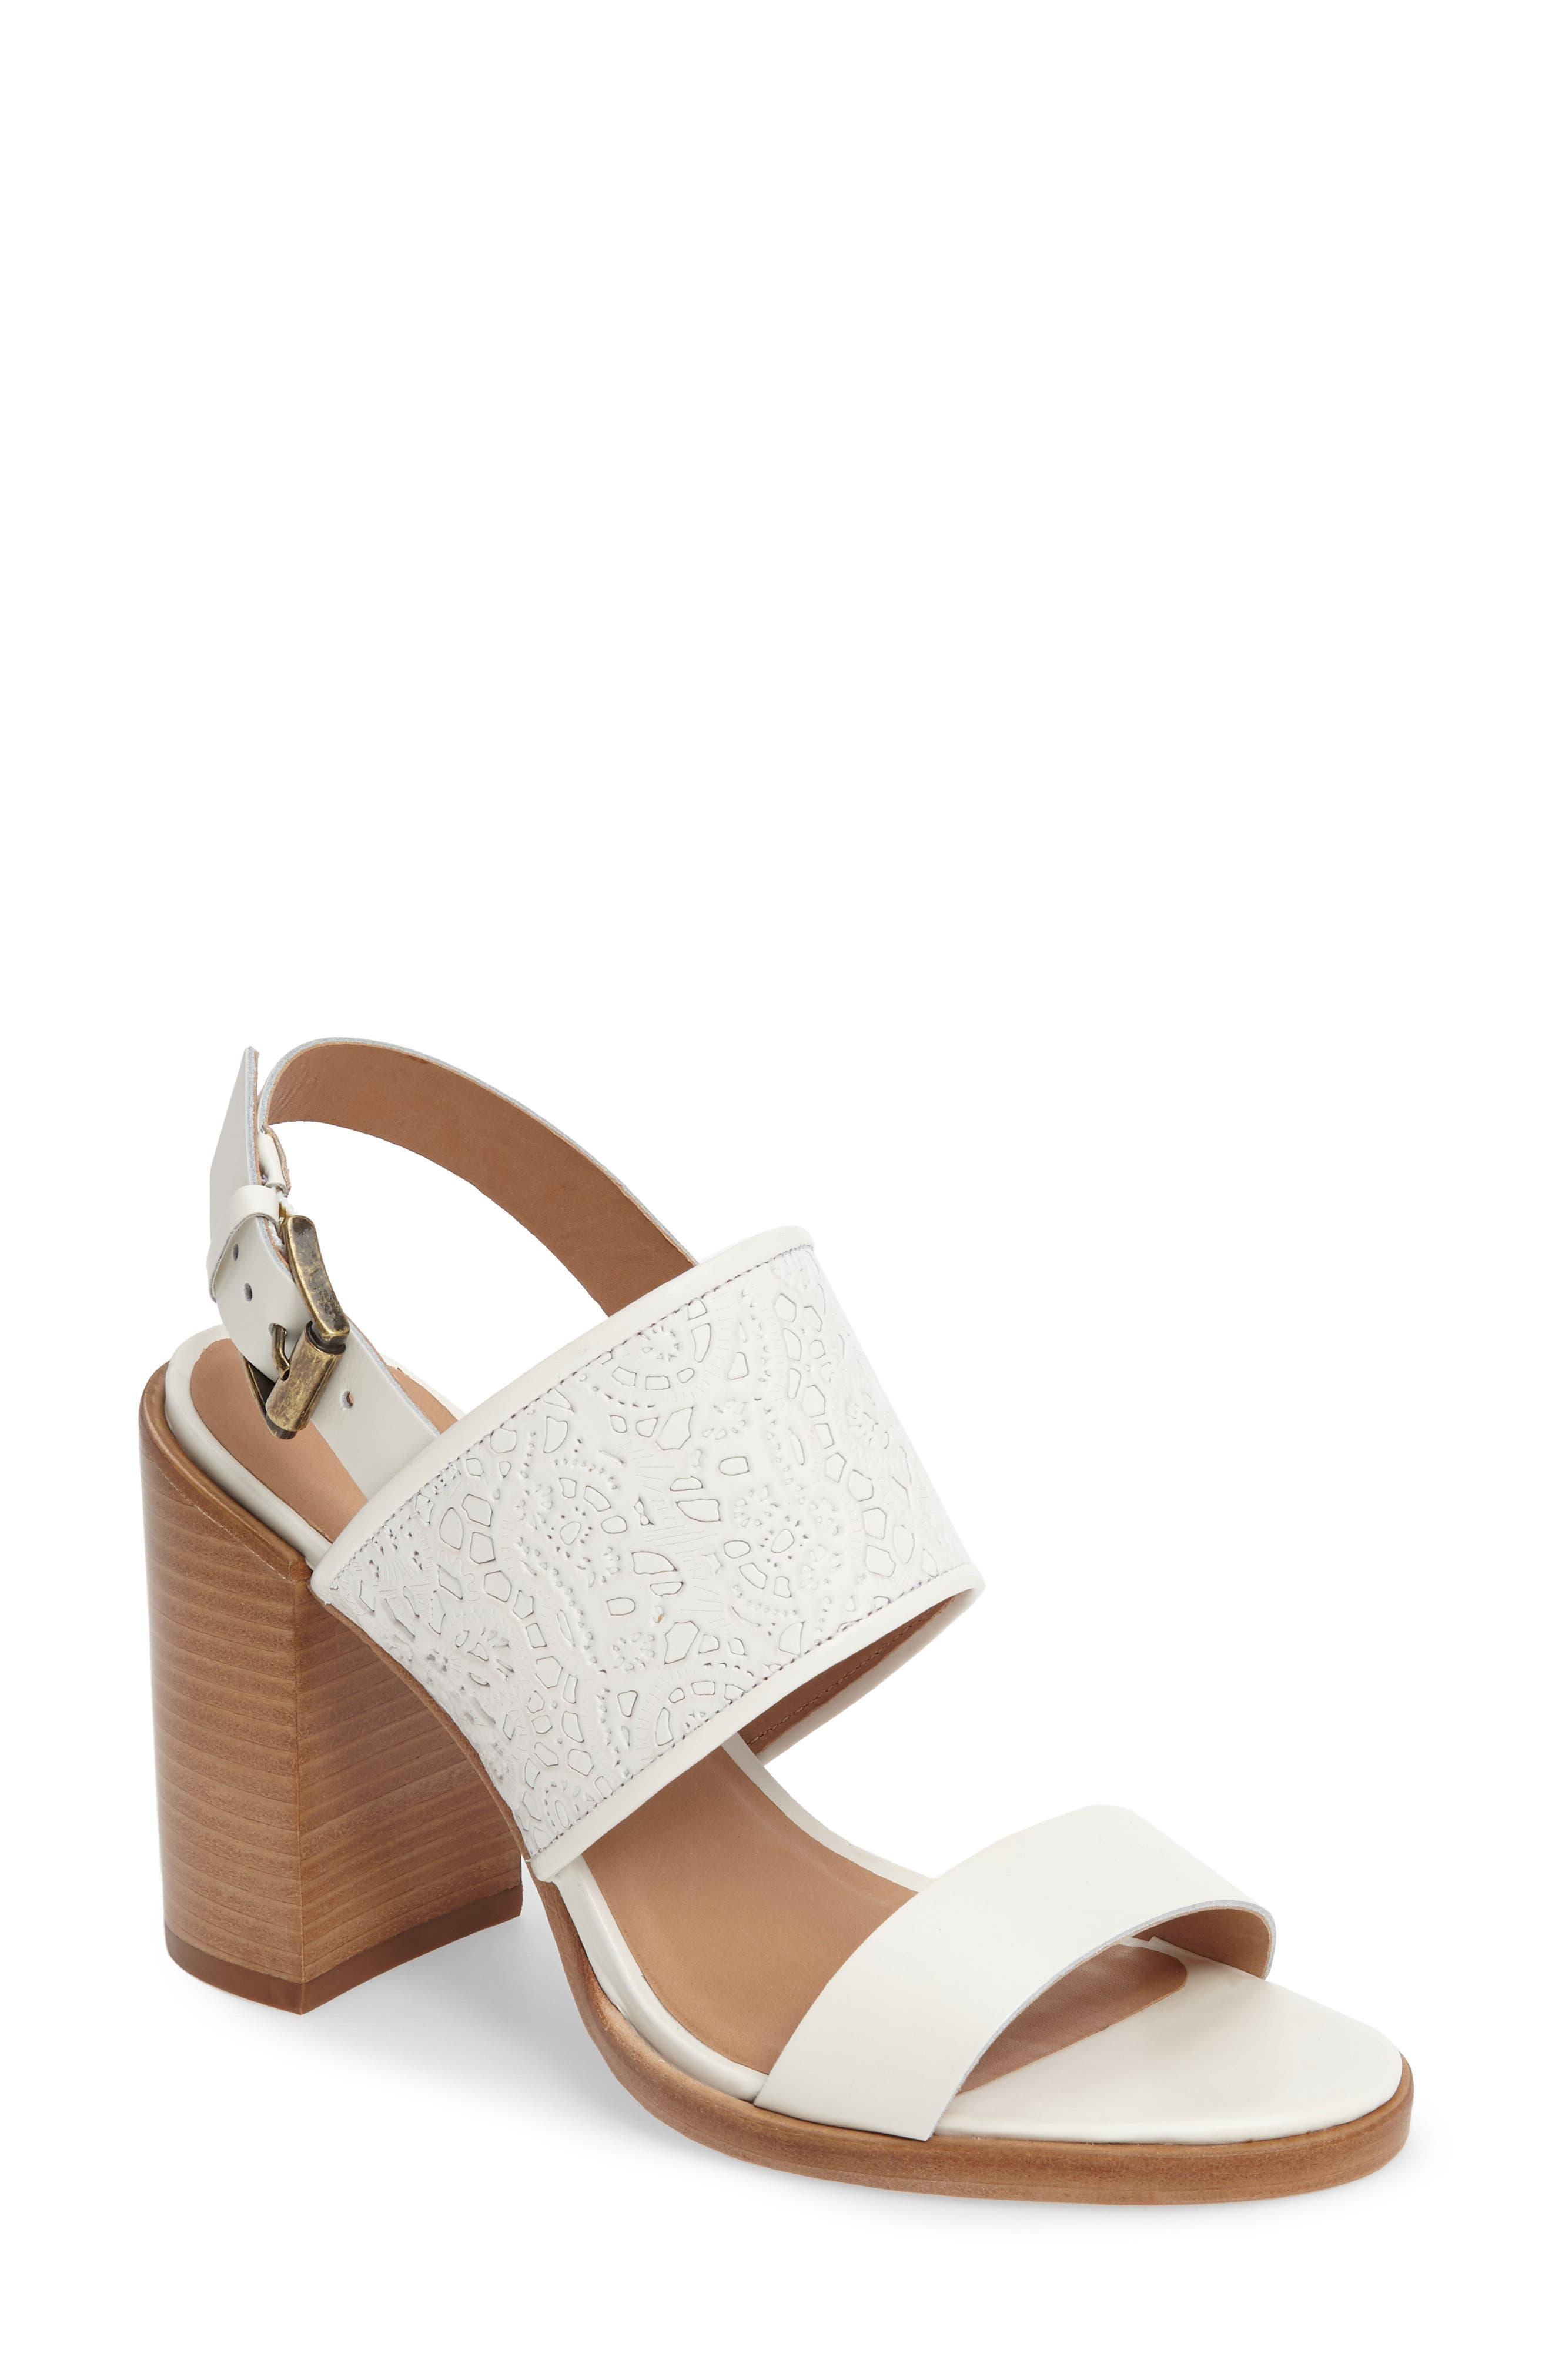 Tilda Sandal,                         Main,                         color, White